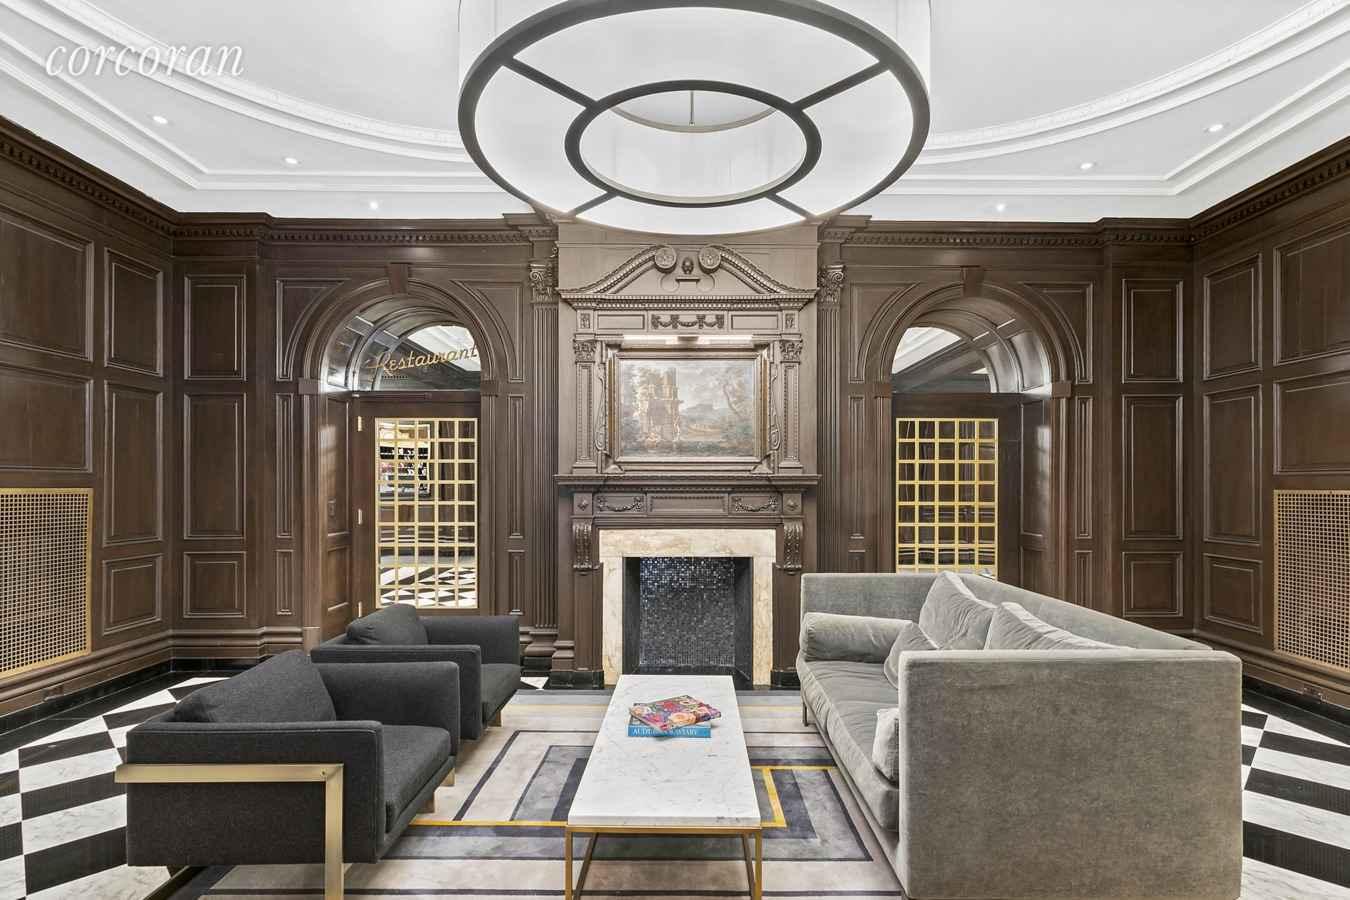 Apartment for sale at 10 Park Avenue, Apt 14R